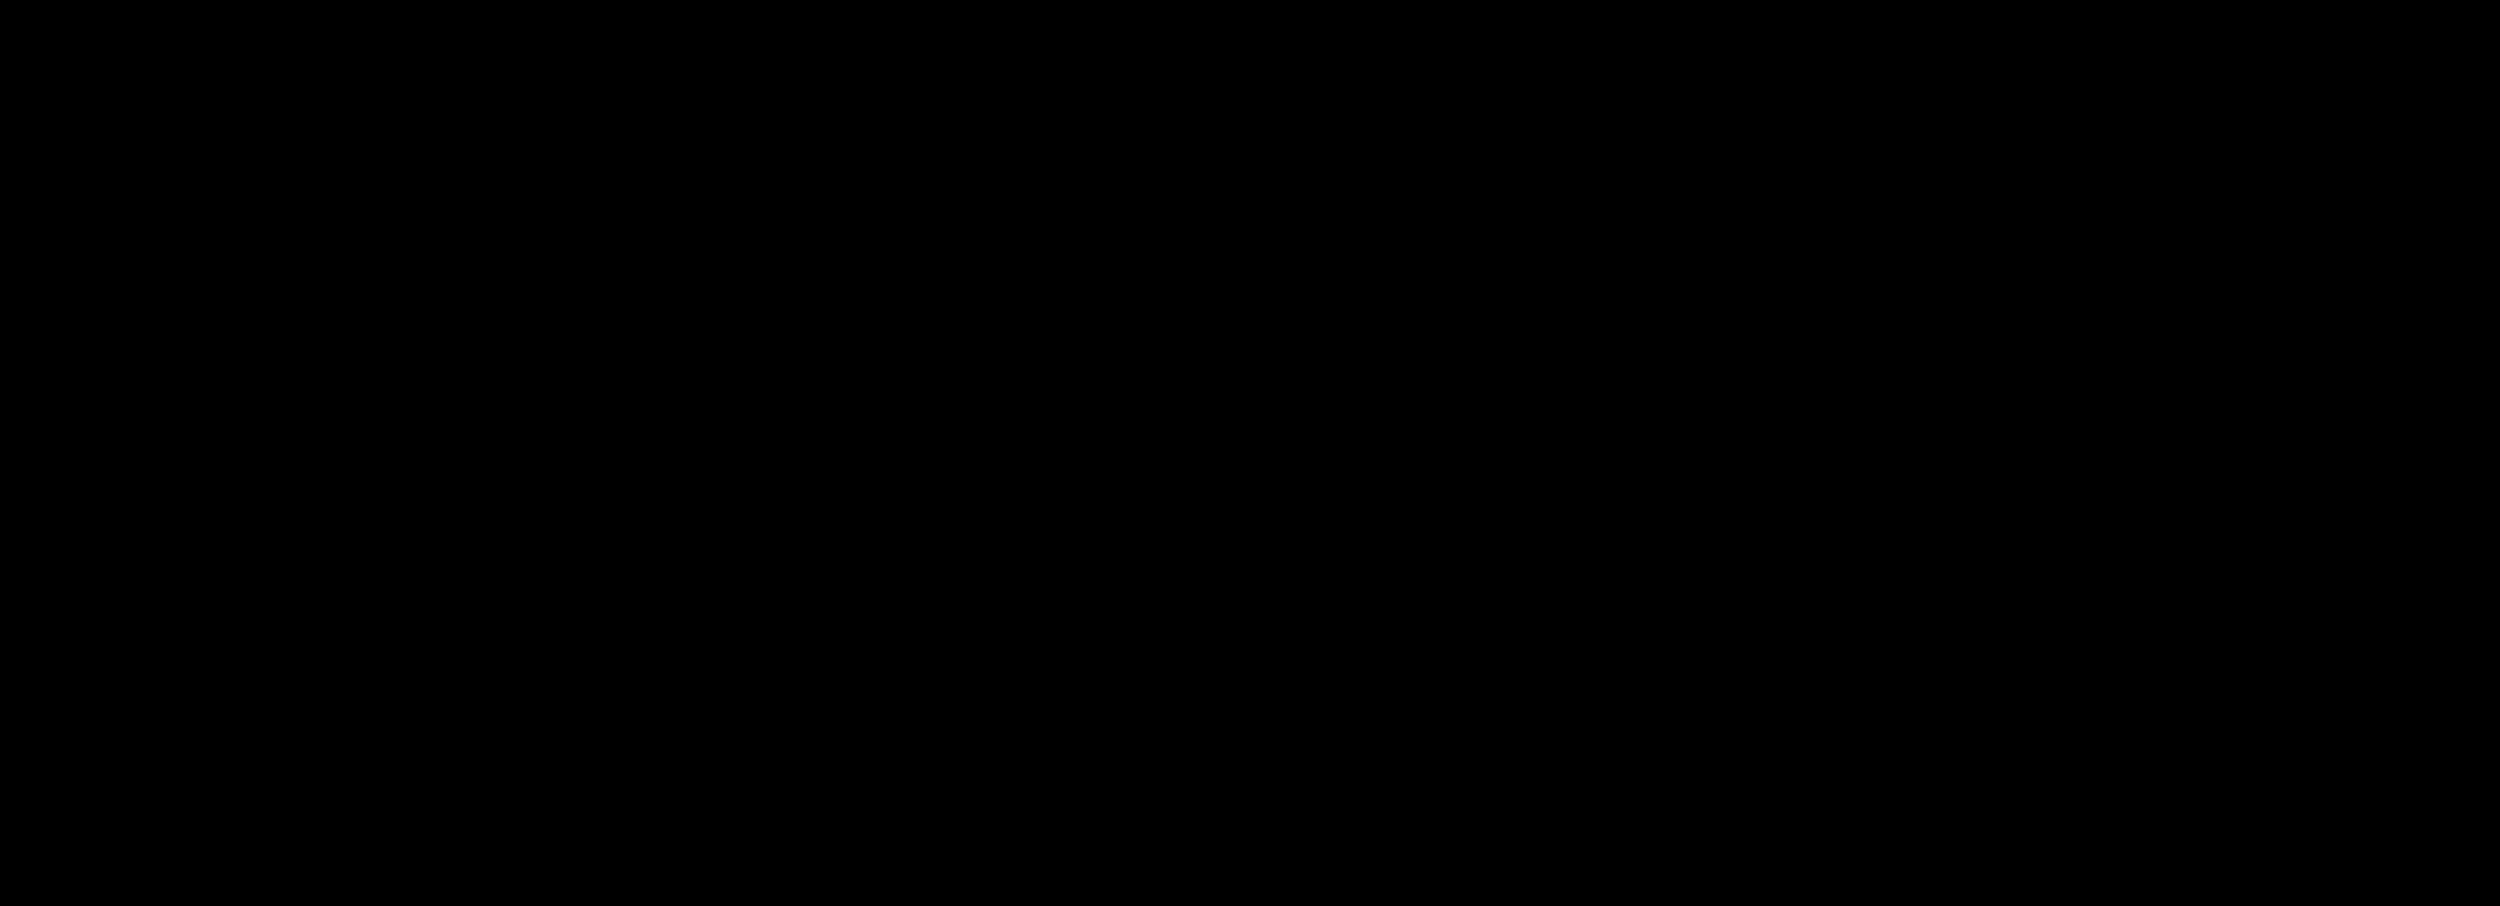 Elgato_Gaming_Simplified.png